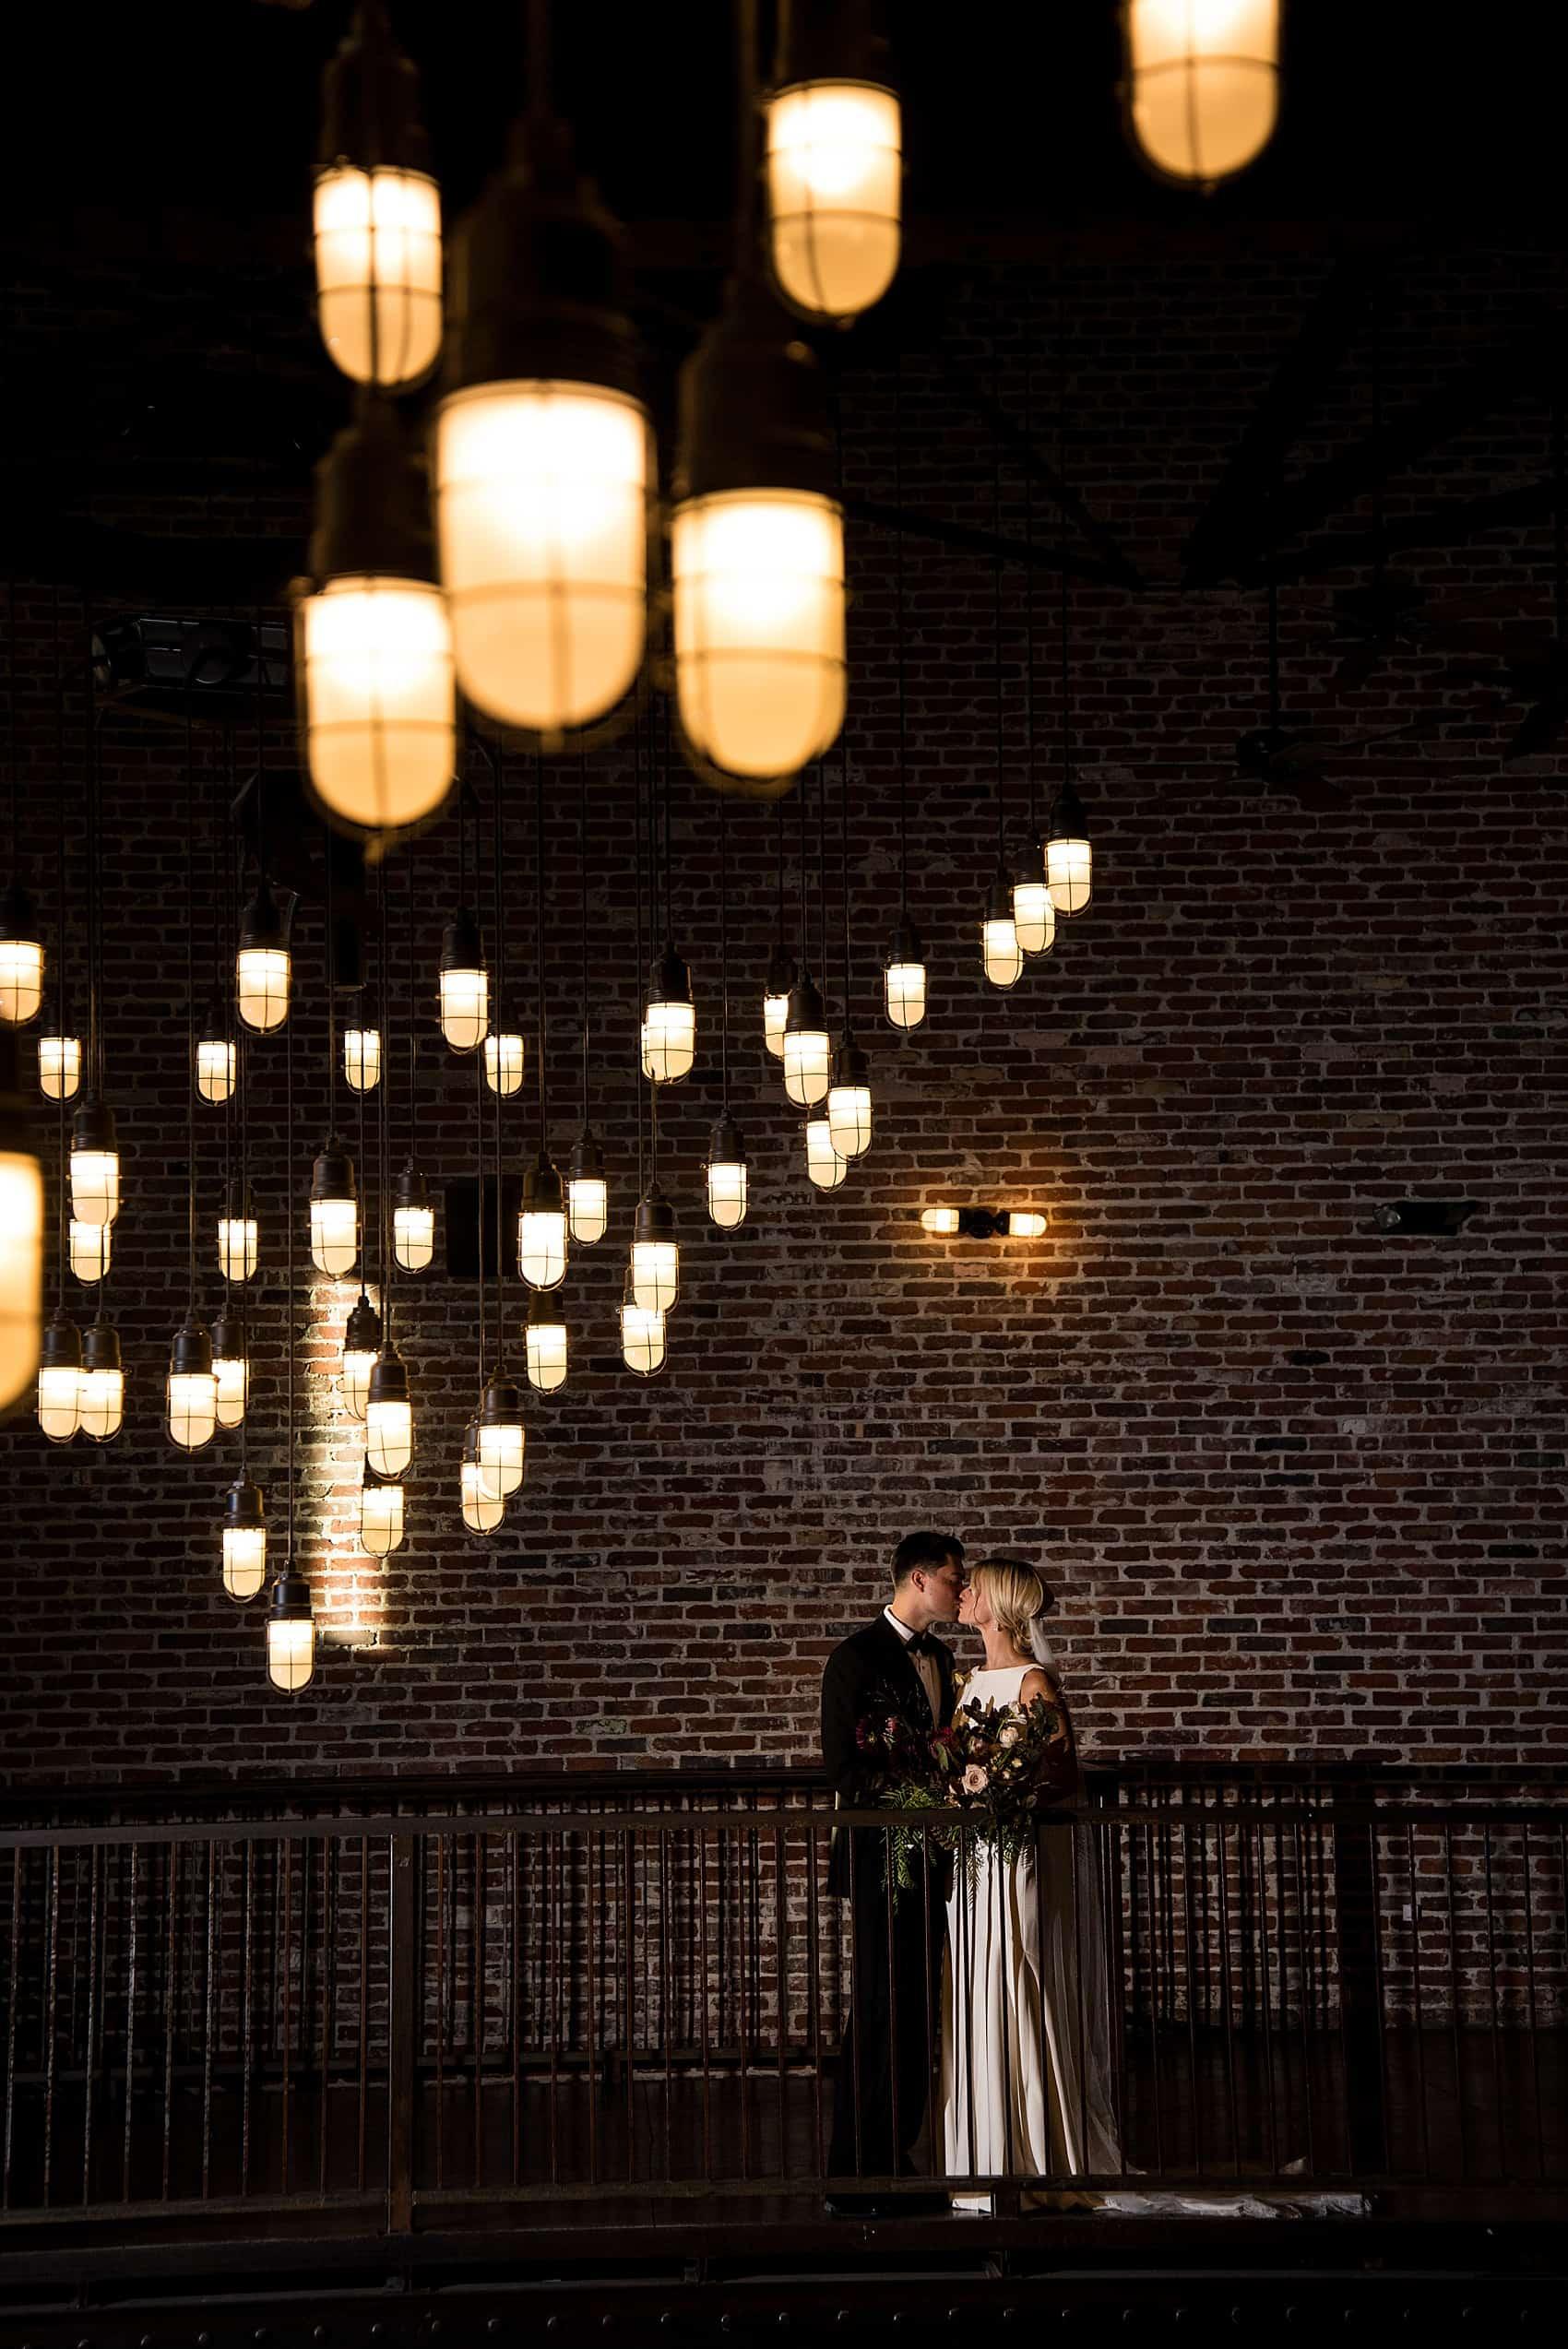 downtown denver wedding venues mile high station